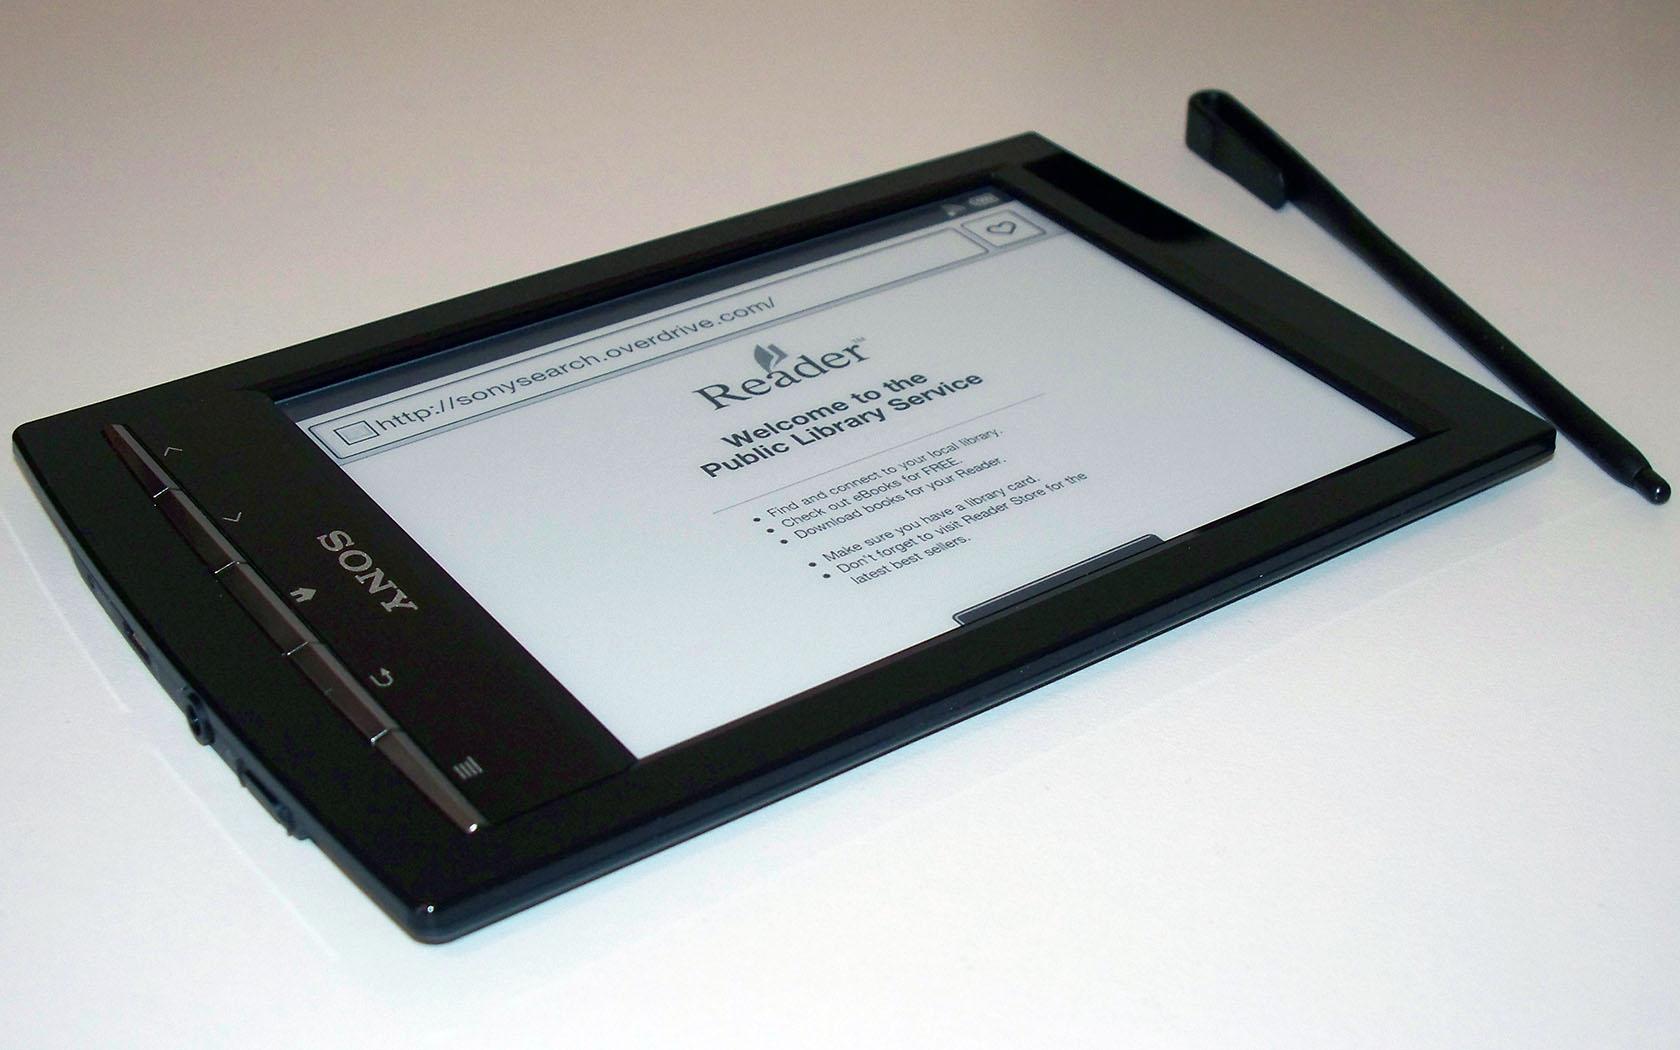 Sony-ն ներկայացրել է Digital Paper էլեկտրոնային գիրքը